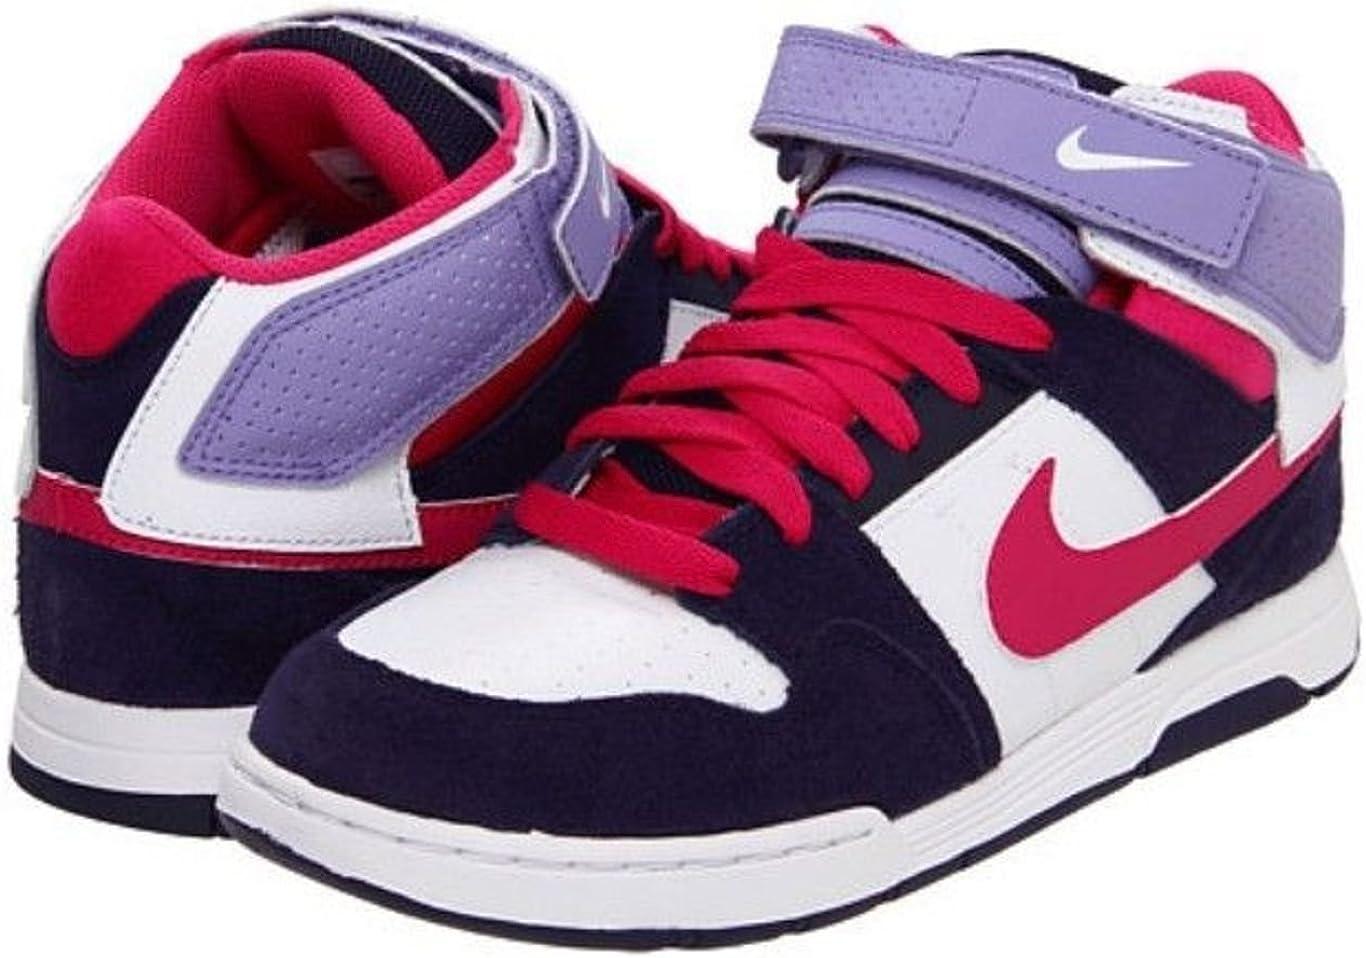 camuflaje Premonición Ciudadano  Amazon.com | Nike 6.0 Mogan Mid 2 Jr G Girl Athletic Shoes Size 6 | Walking